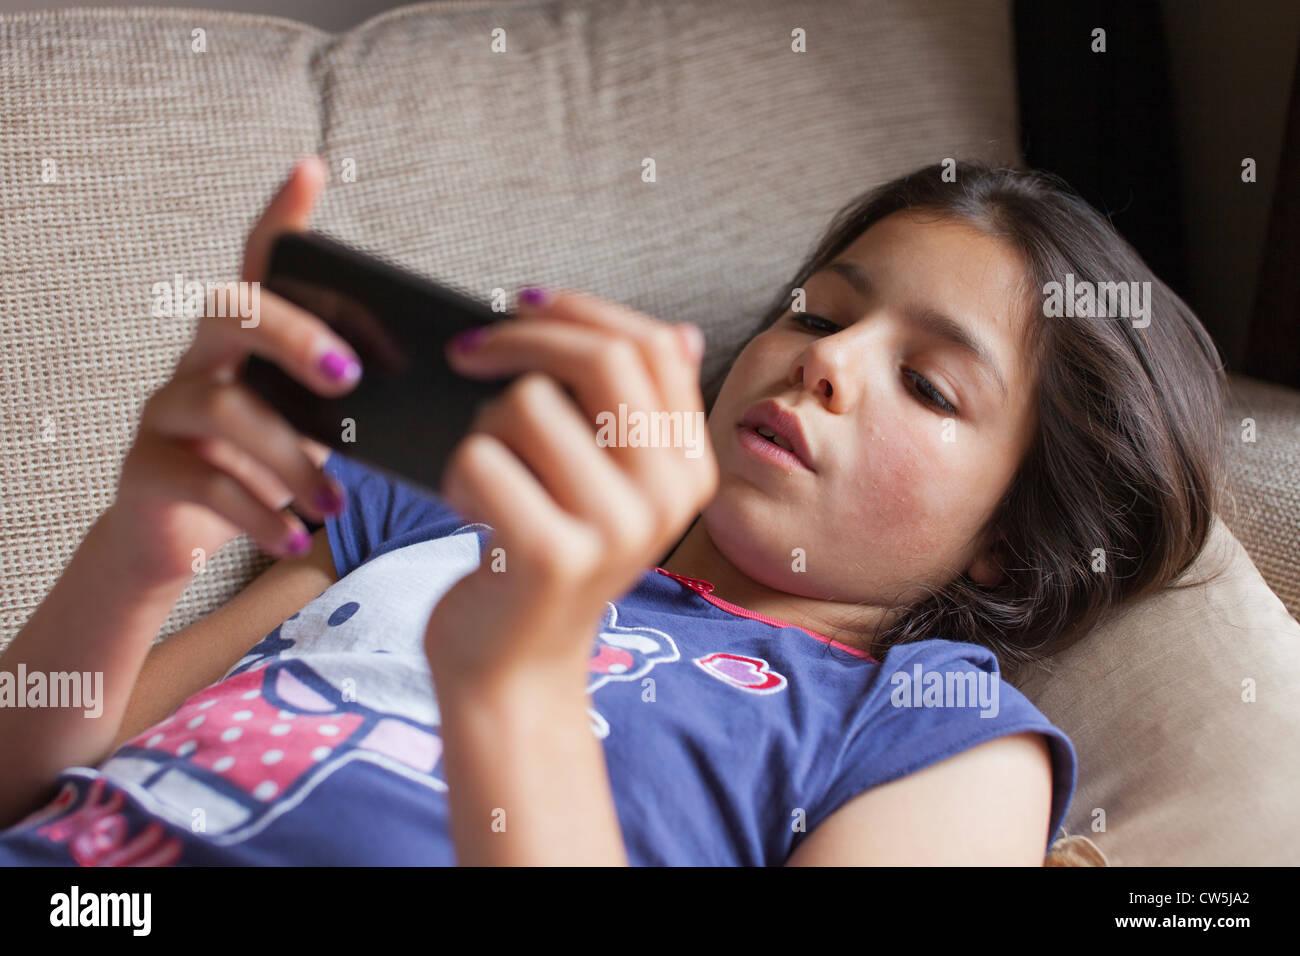 Niña juega en el teléfono móvil en el hogar Imagen De Stock